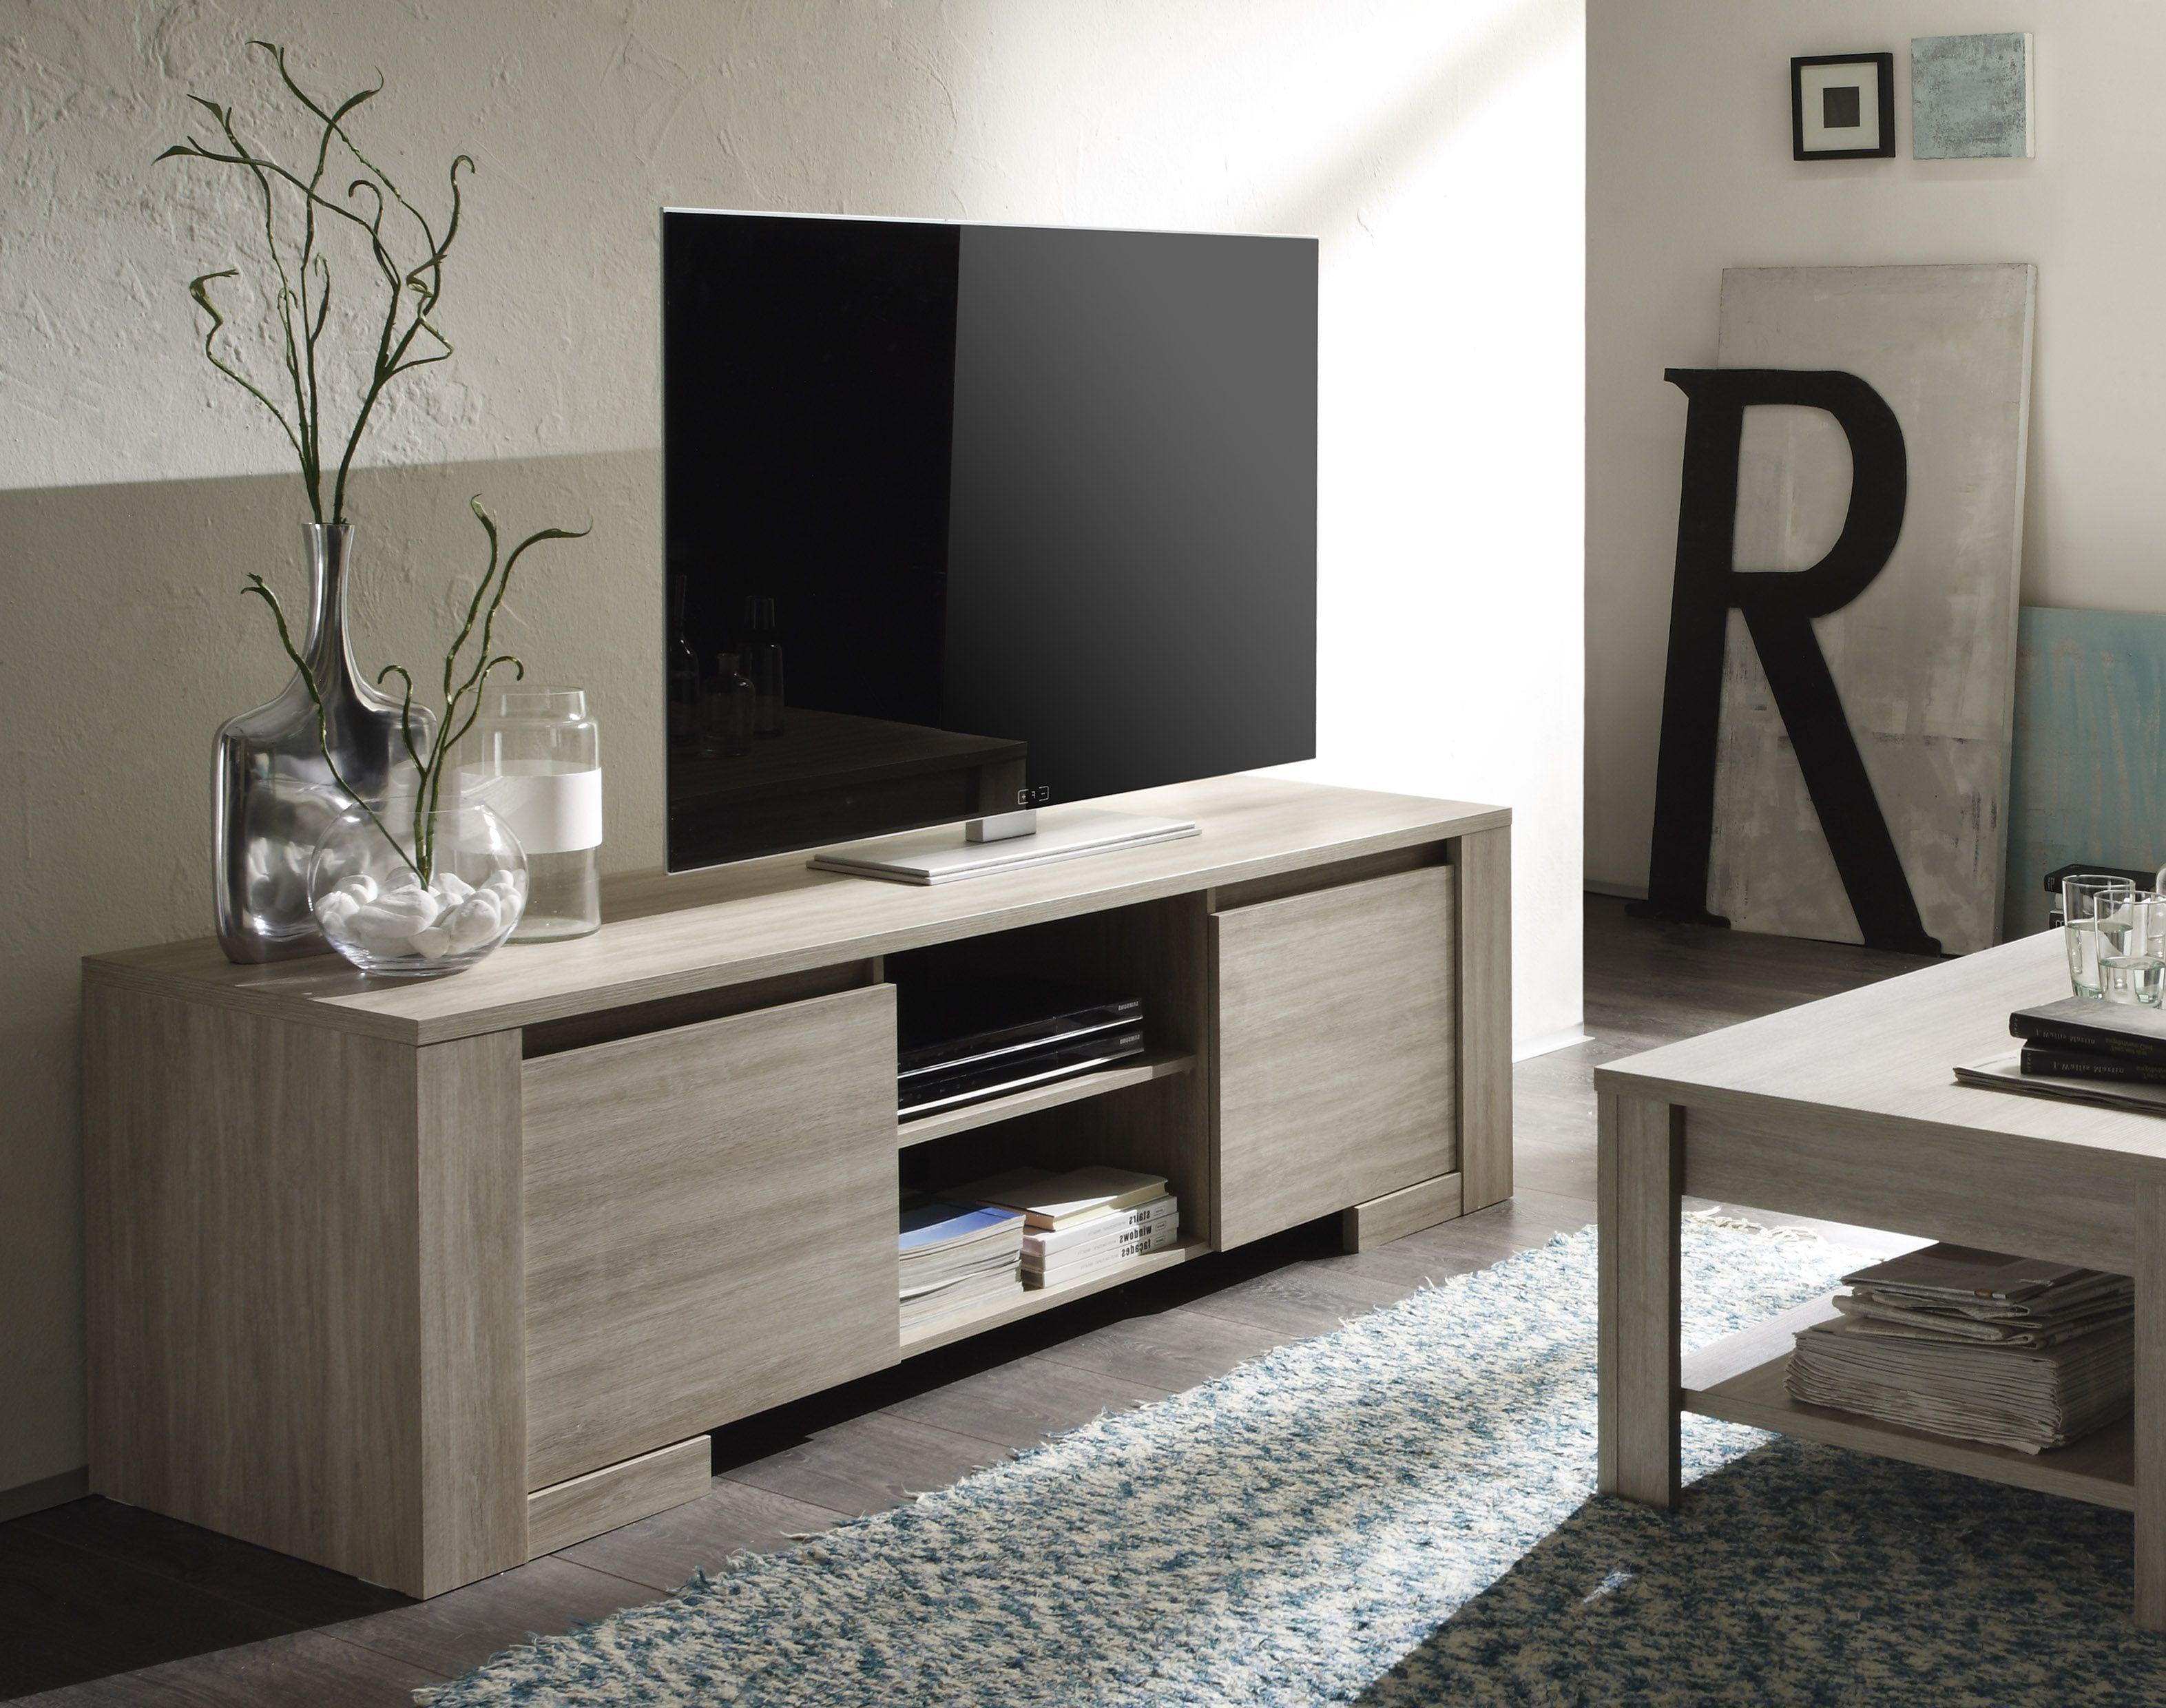 Eiken kleurig tv meubel kopen meubeldeals.nl